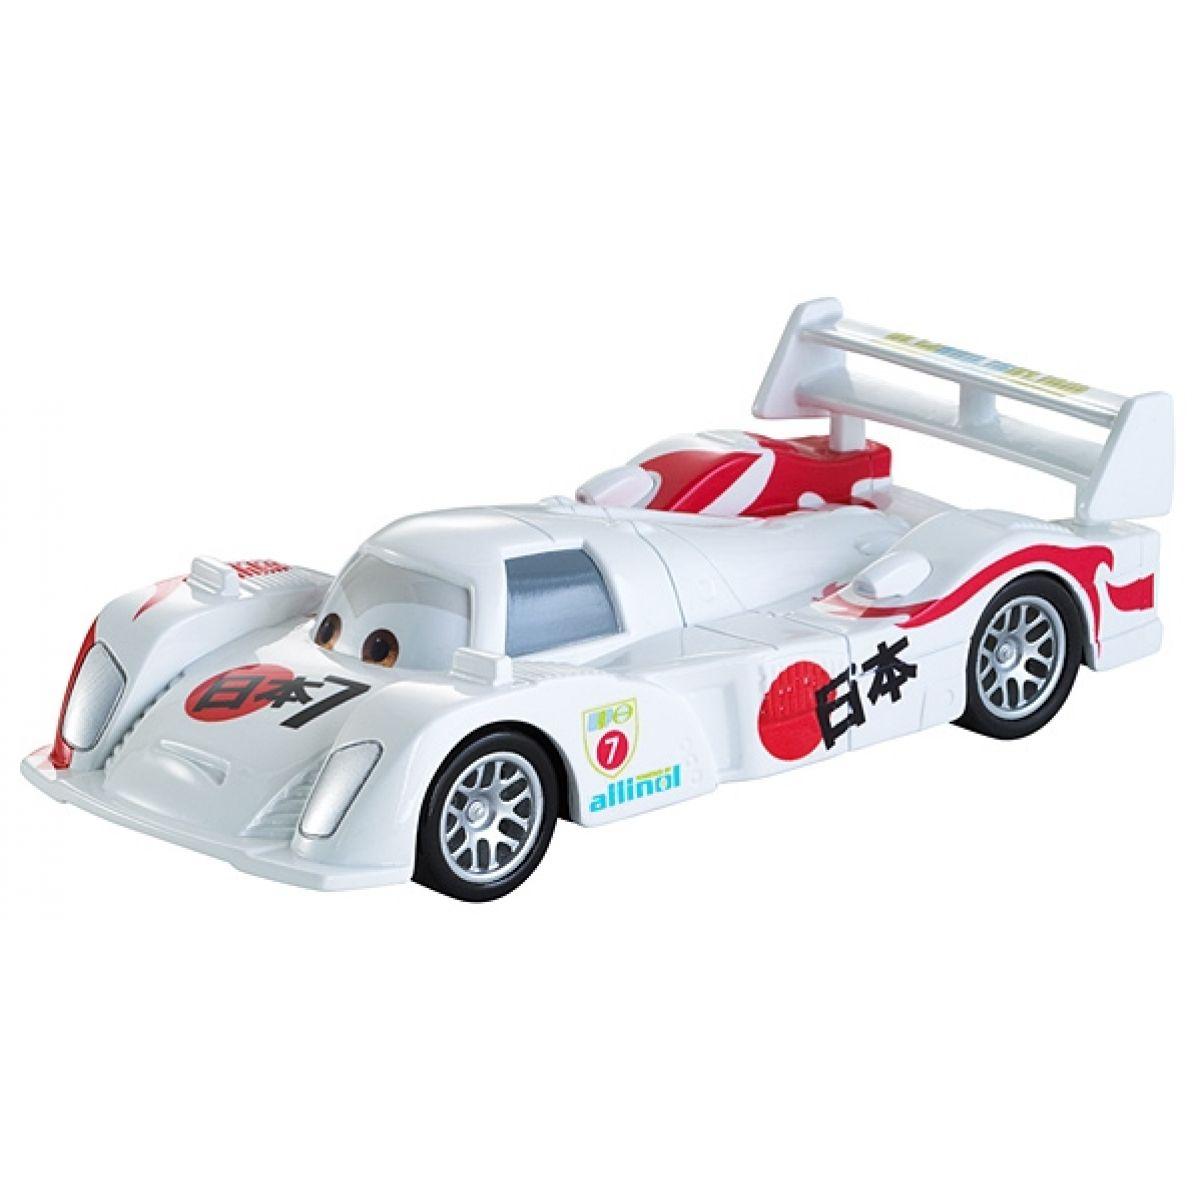 Mattel Cars Natahovací auta - Shu Todoroki